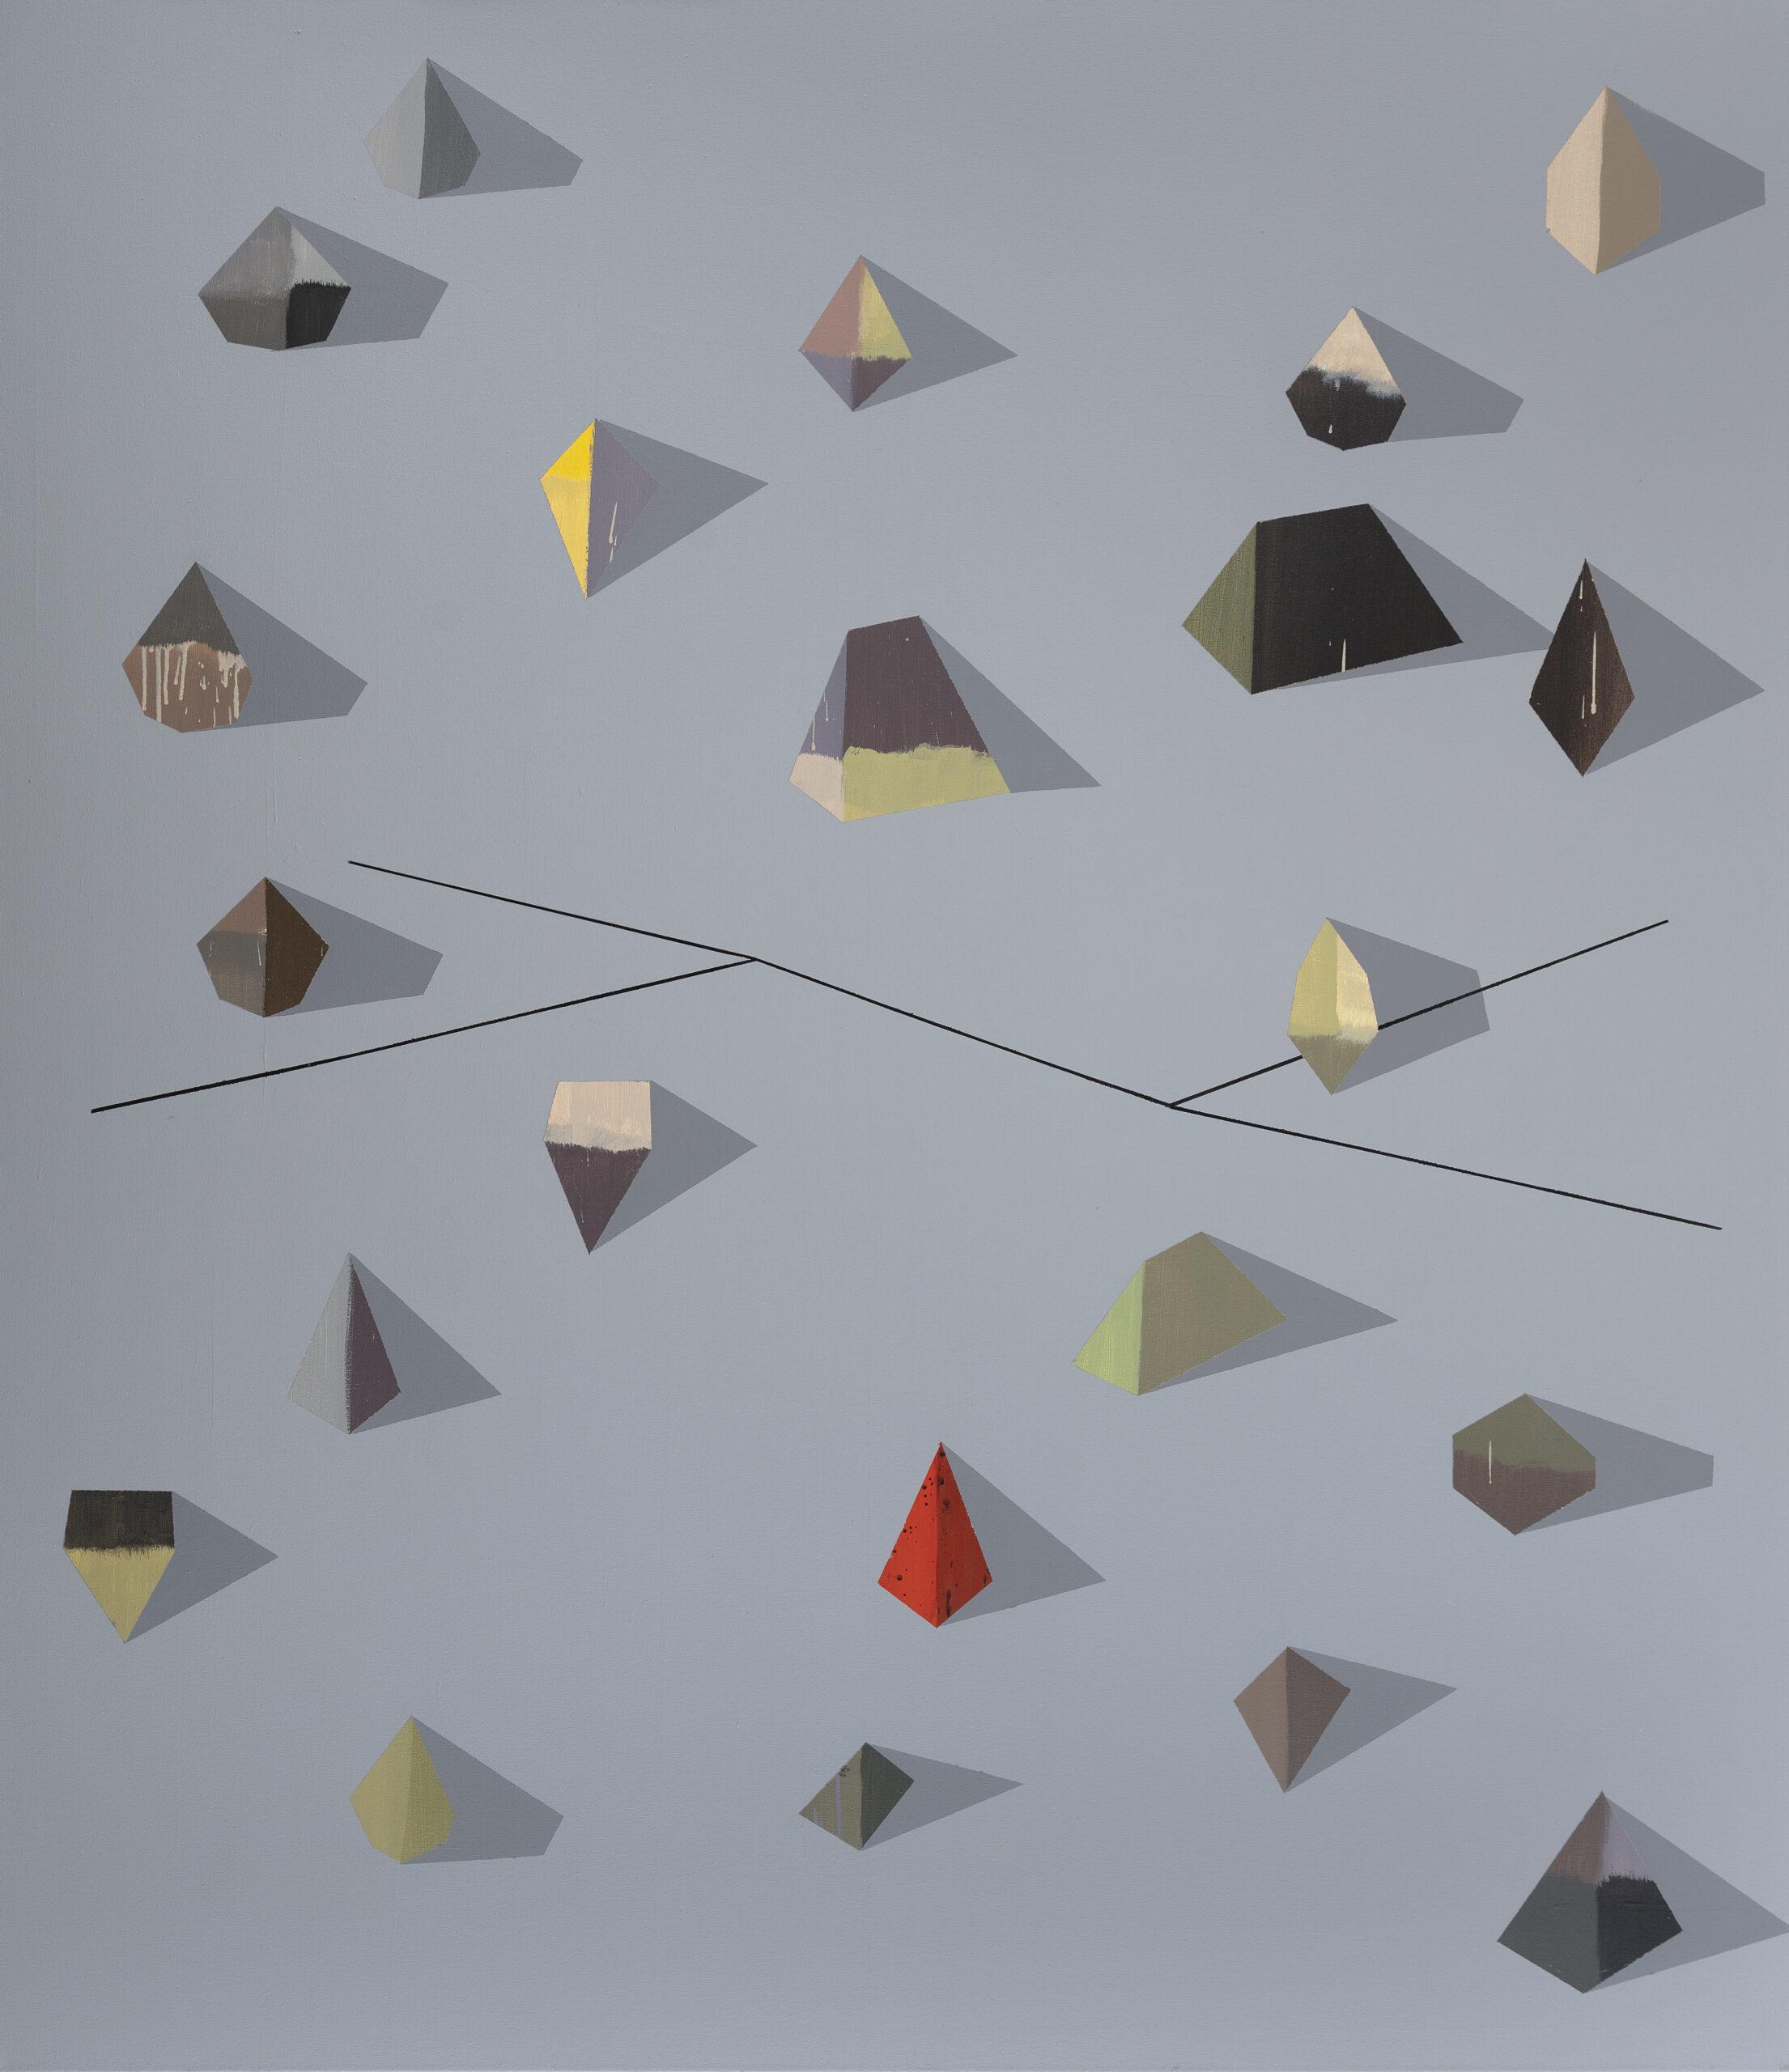 nevědomé naleziště diamantů / unconscious field of diamonds, 190x165 cm, akryl na plátně / acrylic on canvas, 2021